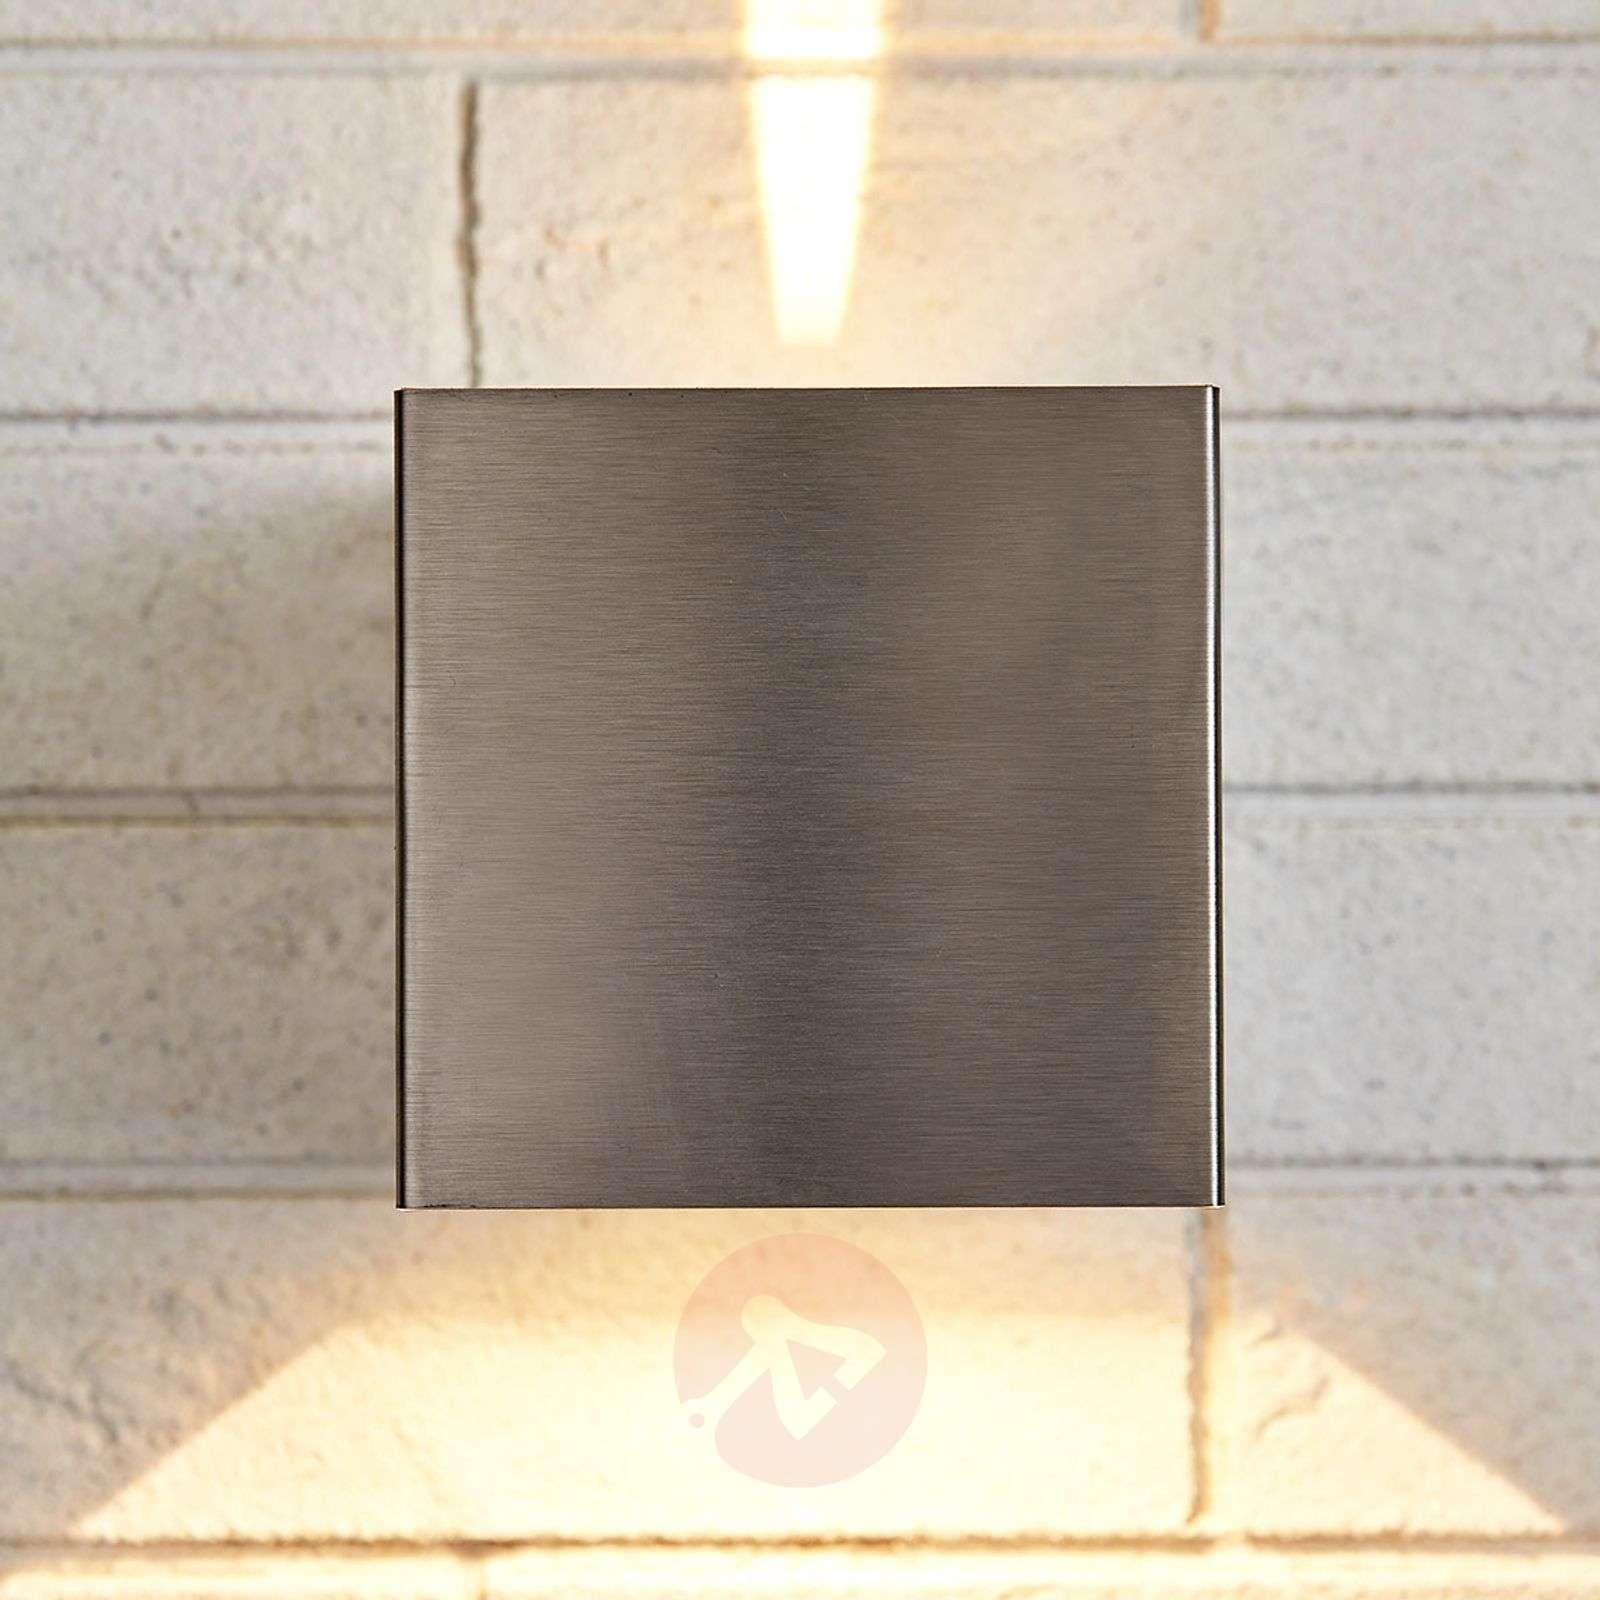 Angessa-LED-seinäkohdevalo valaisu kapea-leveä-4000377-01